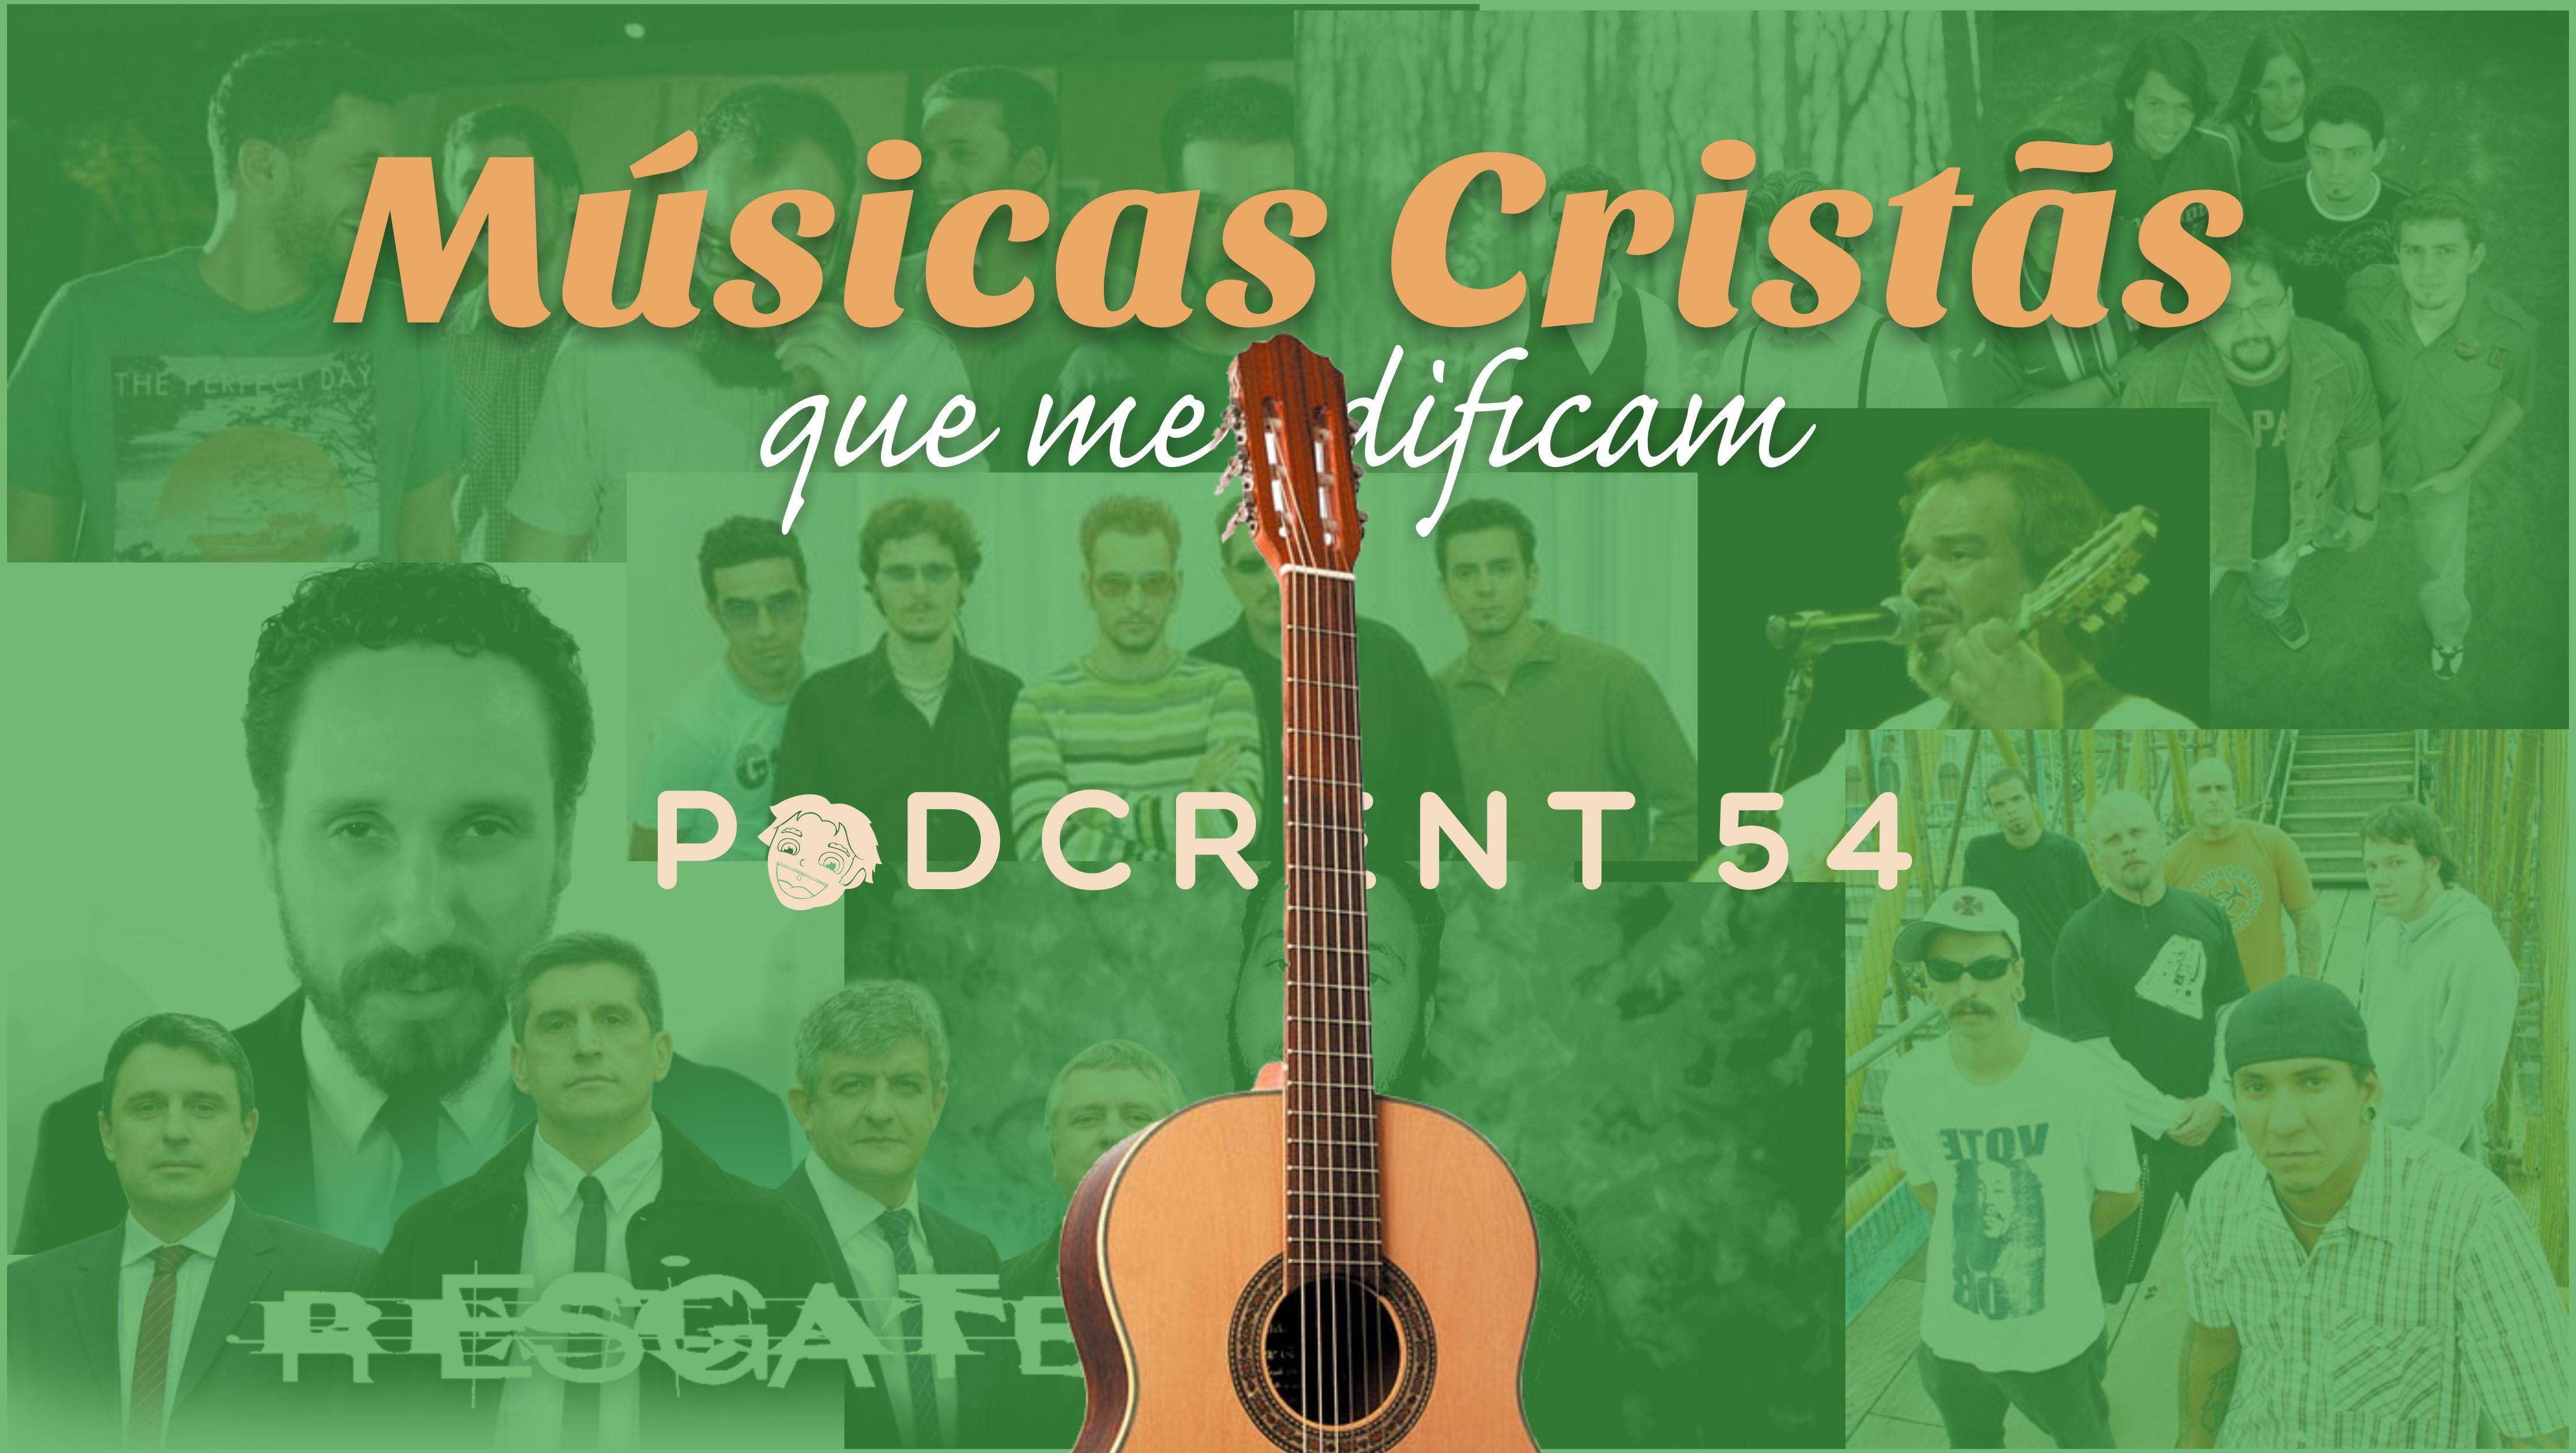 Podcrent 54 Músicas Cristãs Que Me Edificam